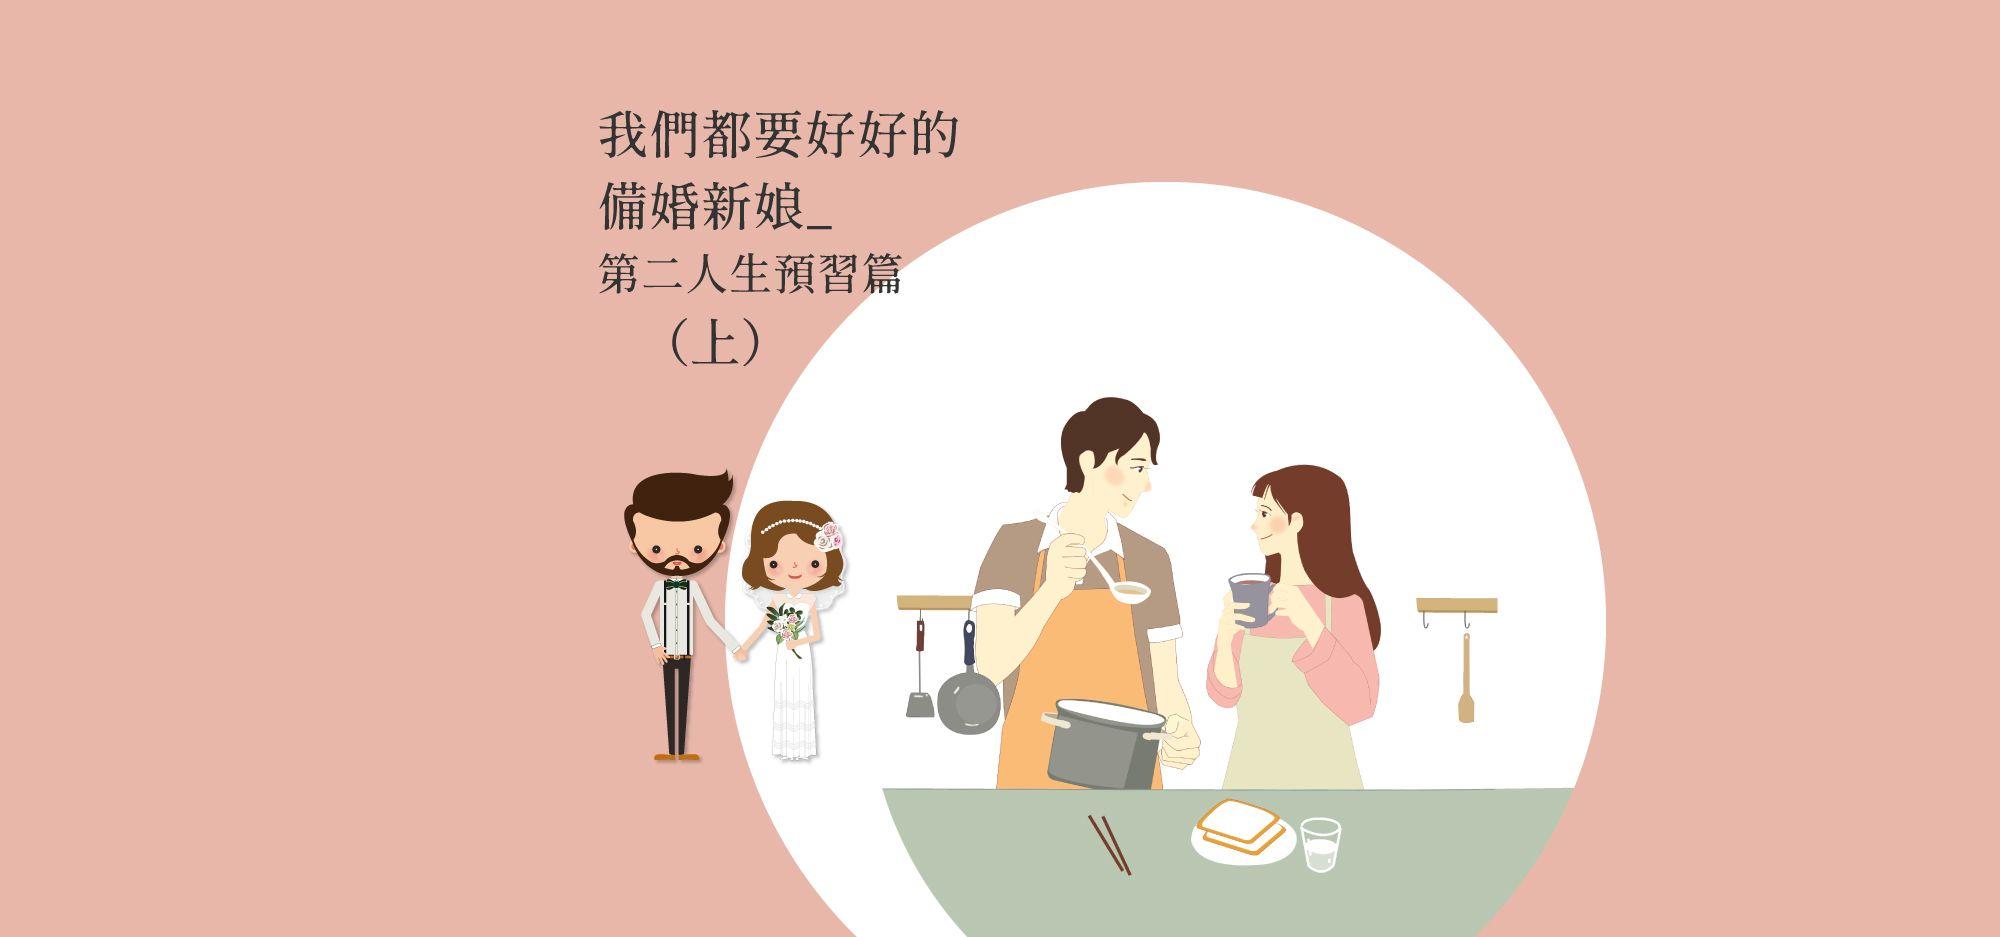 我們都要好好的_備婚新娘_第二人生預習篇(上)